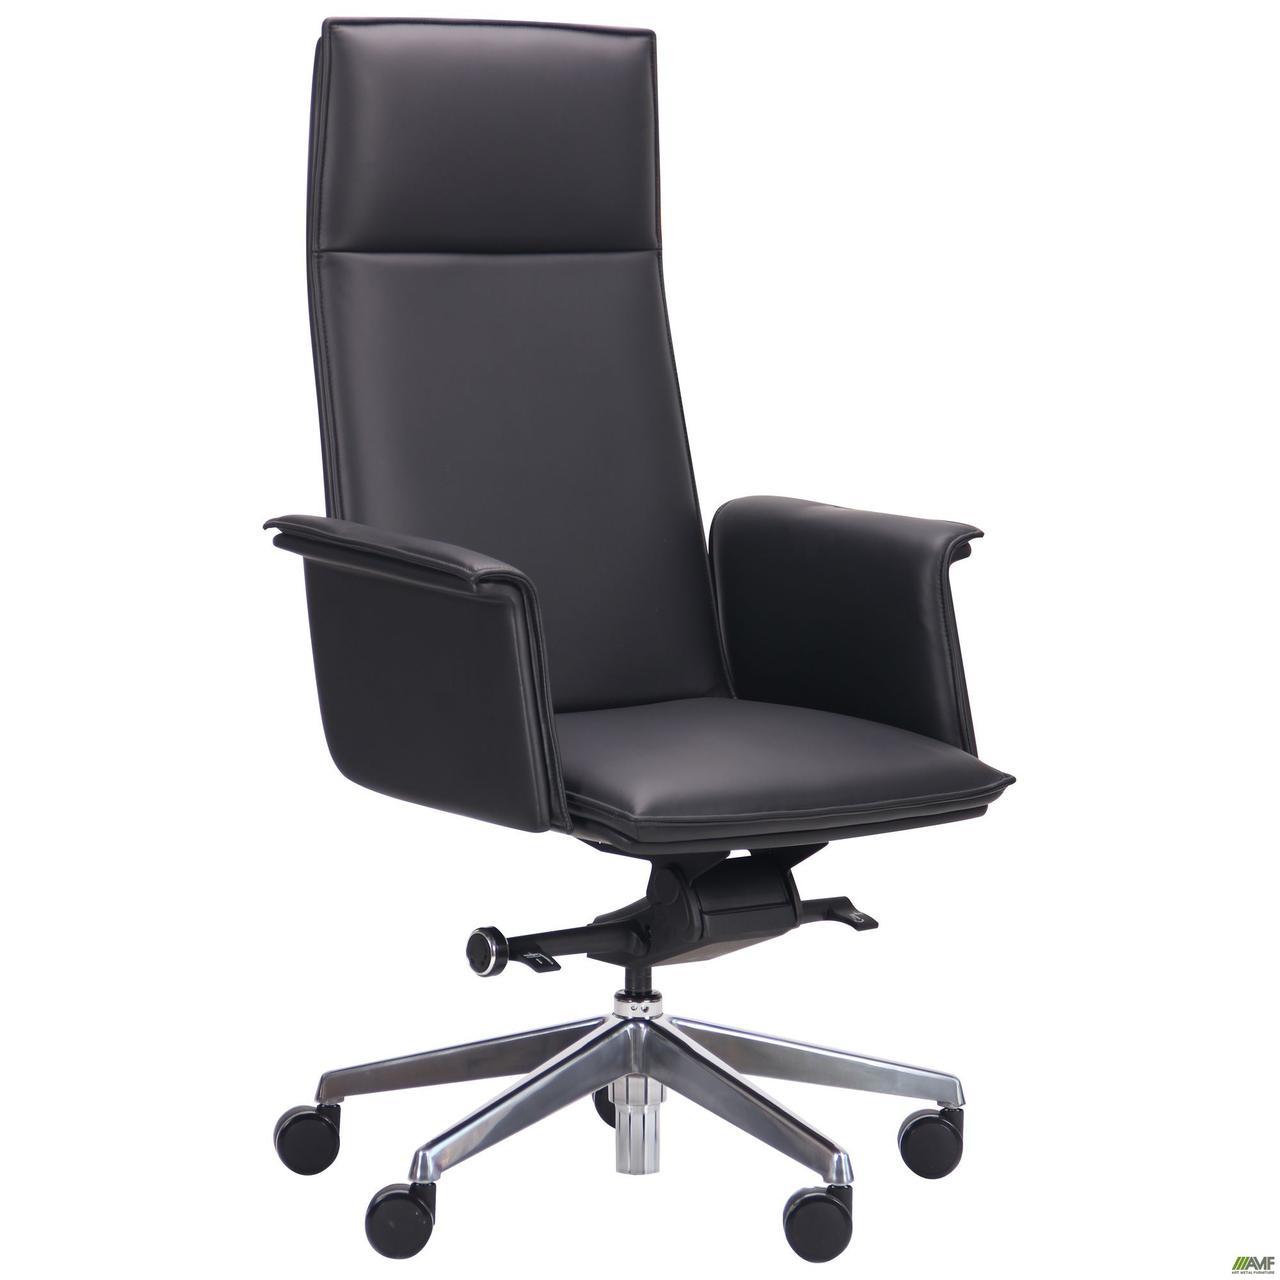 Кресло офисное кожаное AMF Pietro чёрное